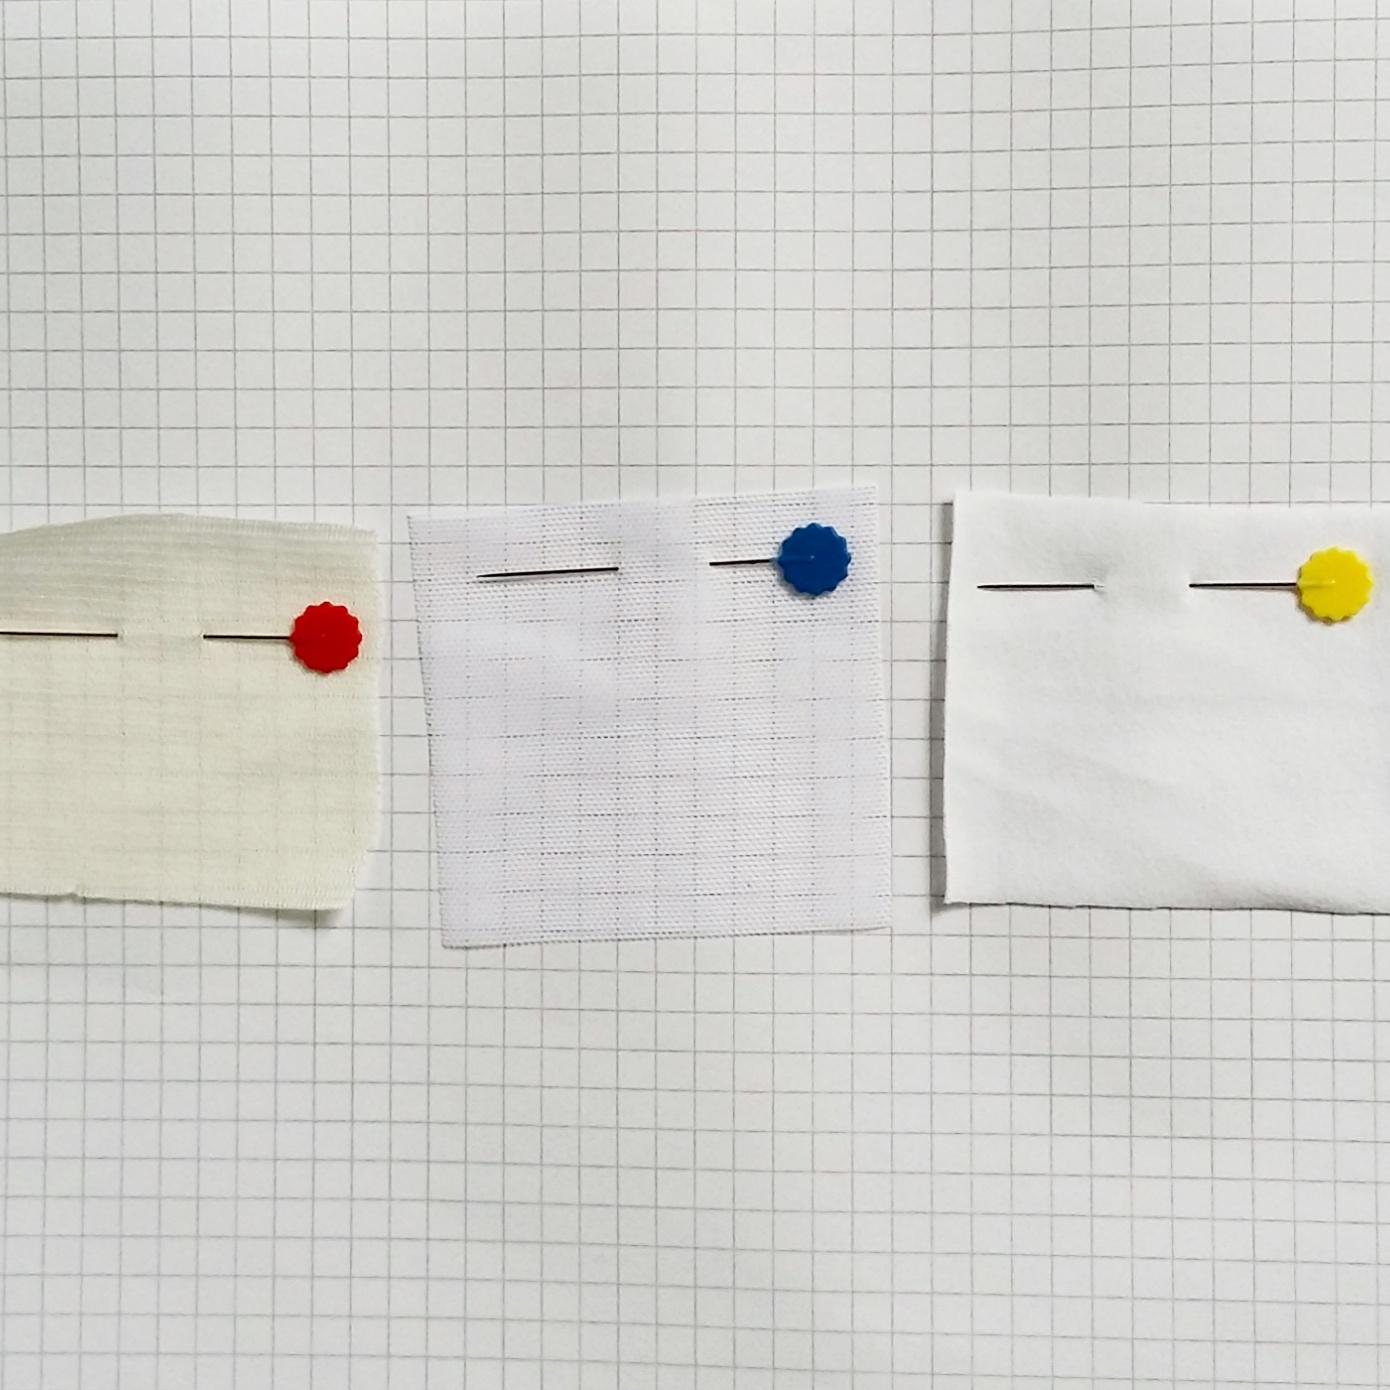 De izquierda a la derecha: forro de lencería,  strech mesh , tela de punto para lencería (usado en las bragas)